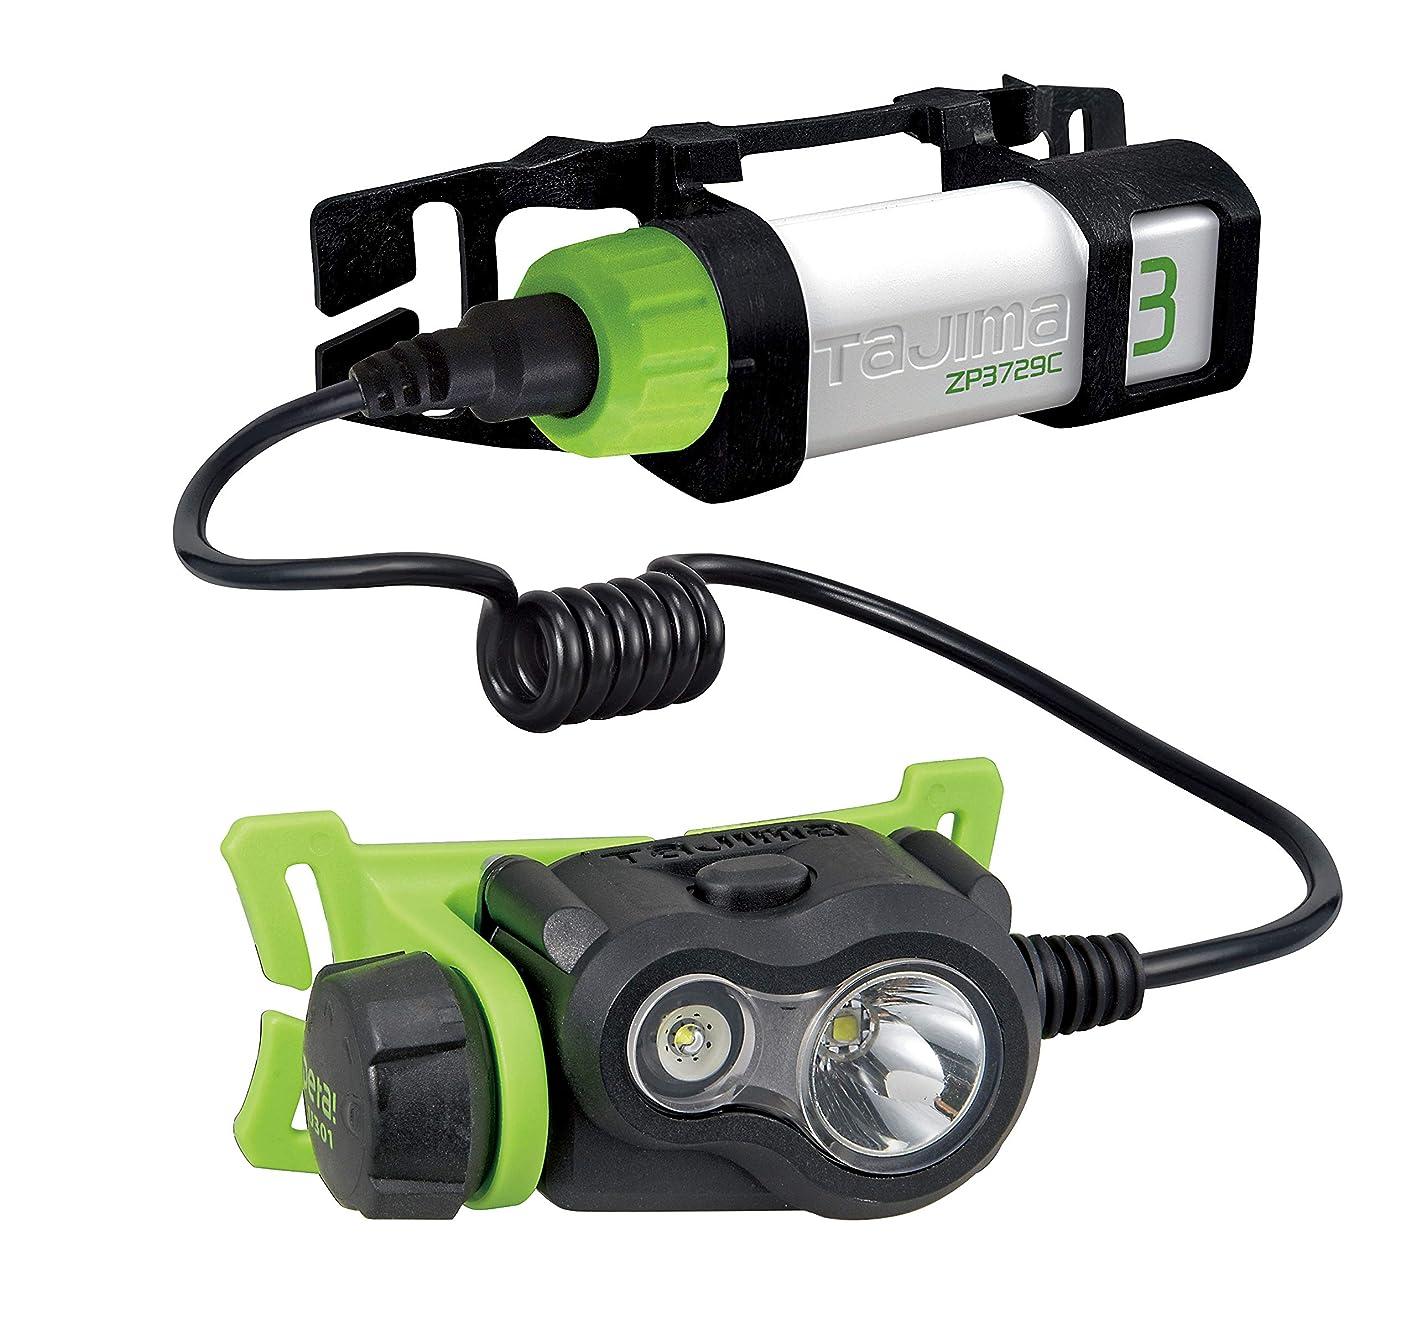 同時宗教流用するタジマ ペタLEDヘッドライトU301セット 明るさ最大300lm 専用充電池付(LE-ZP3729C) LE-U301-SP